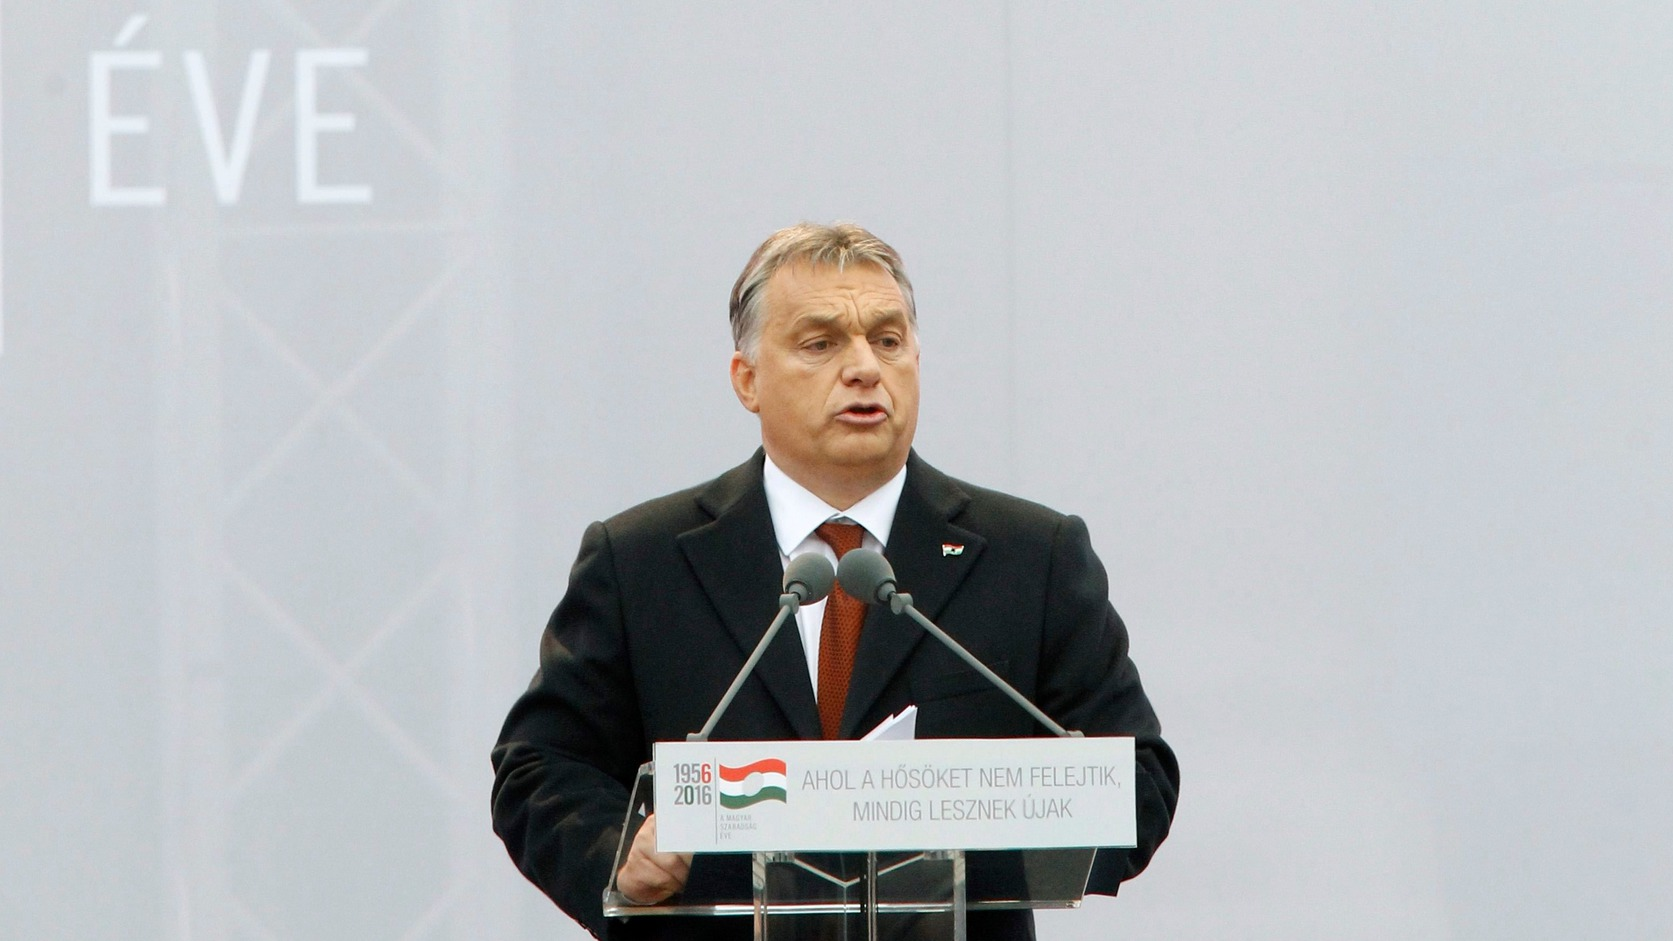 Budapest, 2016. október 23. Orbán Viktor miniszterelnök beszédet mond az 1956-os forradalom és szabadságharc 60. évfordulója alkalmából, 1956-2016 - A szabad Magyarországért! címmel tartott díszünnepségen az Országház előtti Kossuth Lajos téren 2016. október 23-án. MTI Fotó: Szigetváry Zsolt